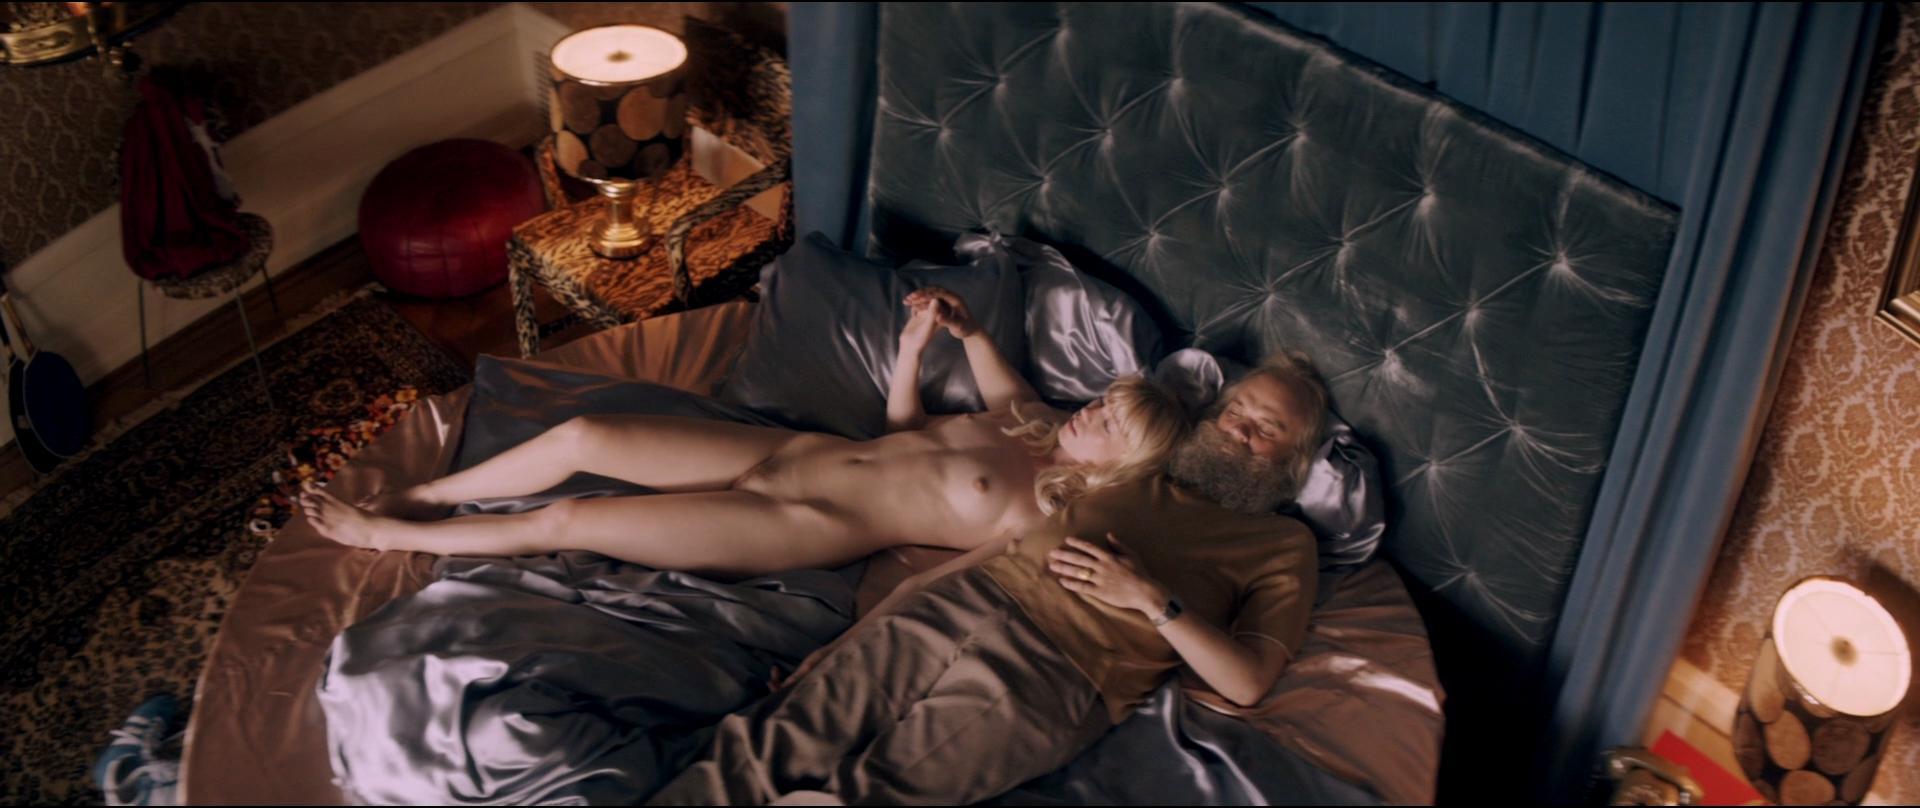 smotret-film-seks-narkotiki